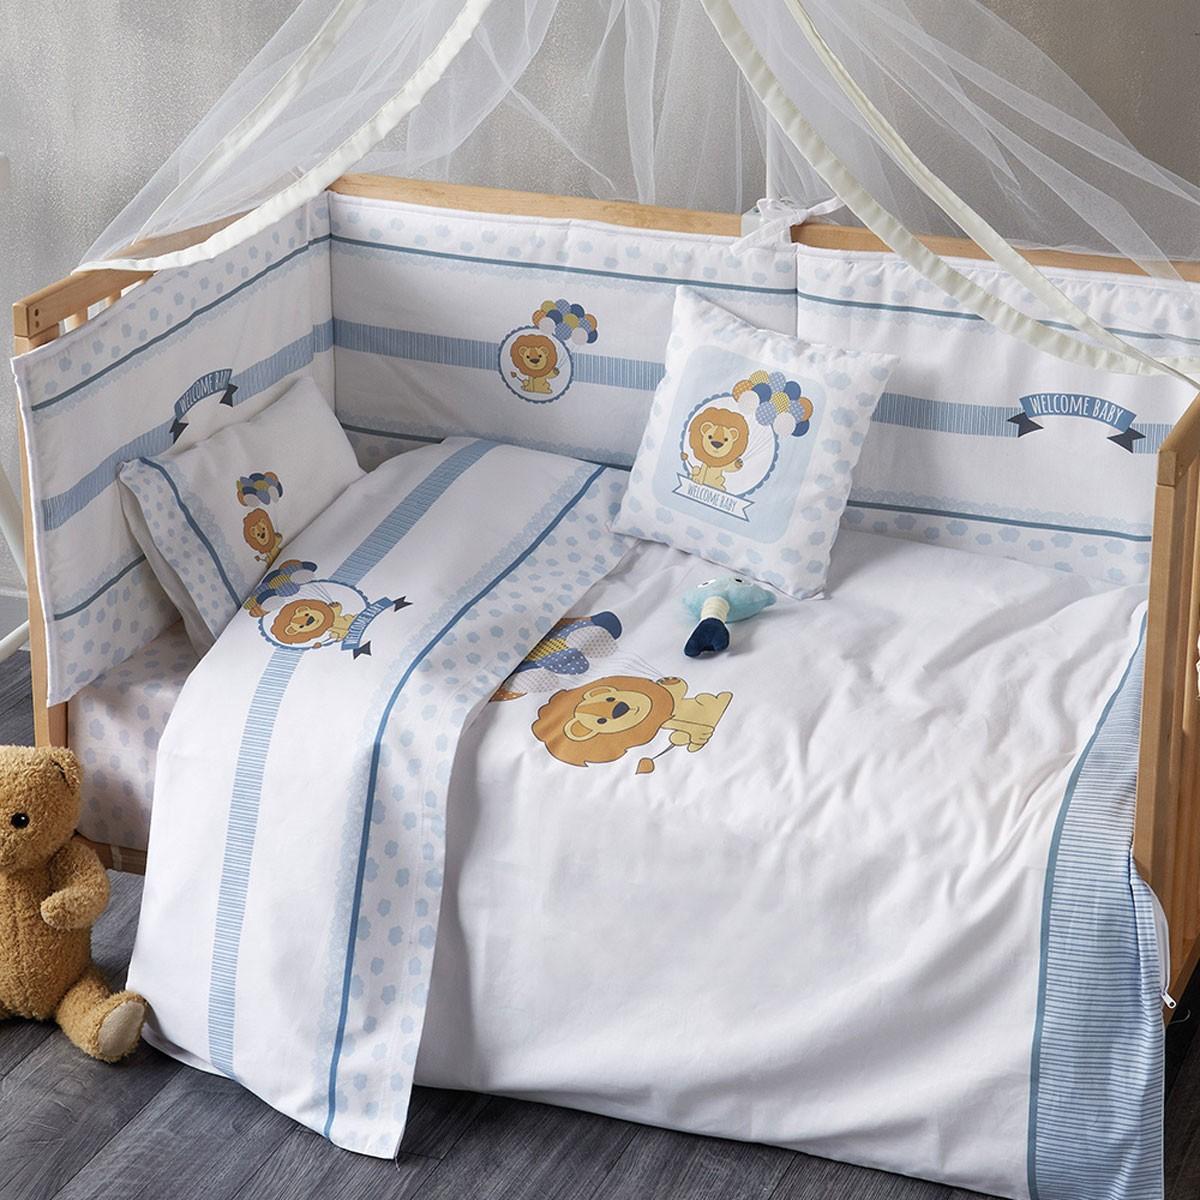 Παπλωματοθήκη Κούνιας (Σετ) Kentia Baby Welcome Baby 19 55480